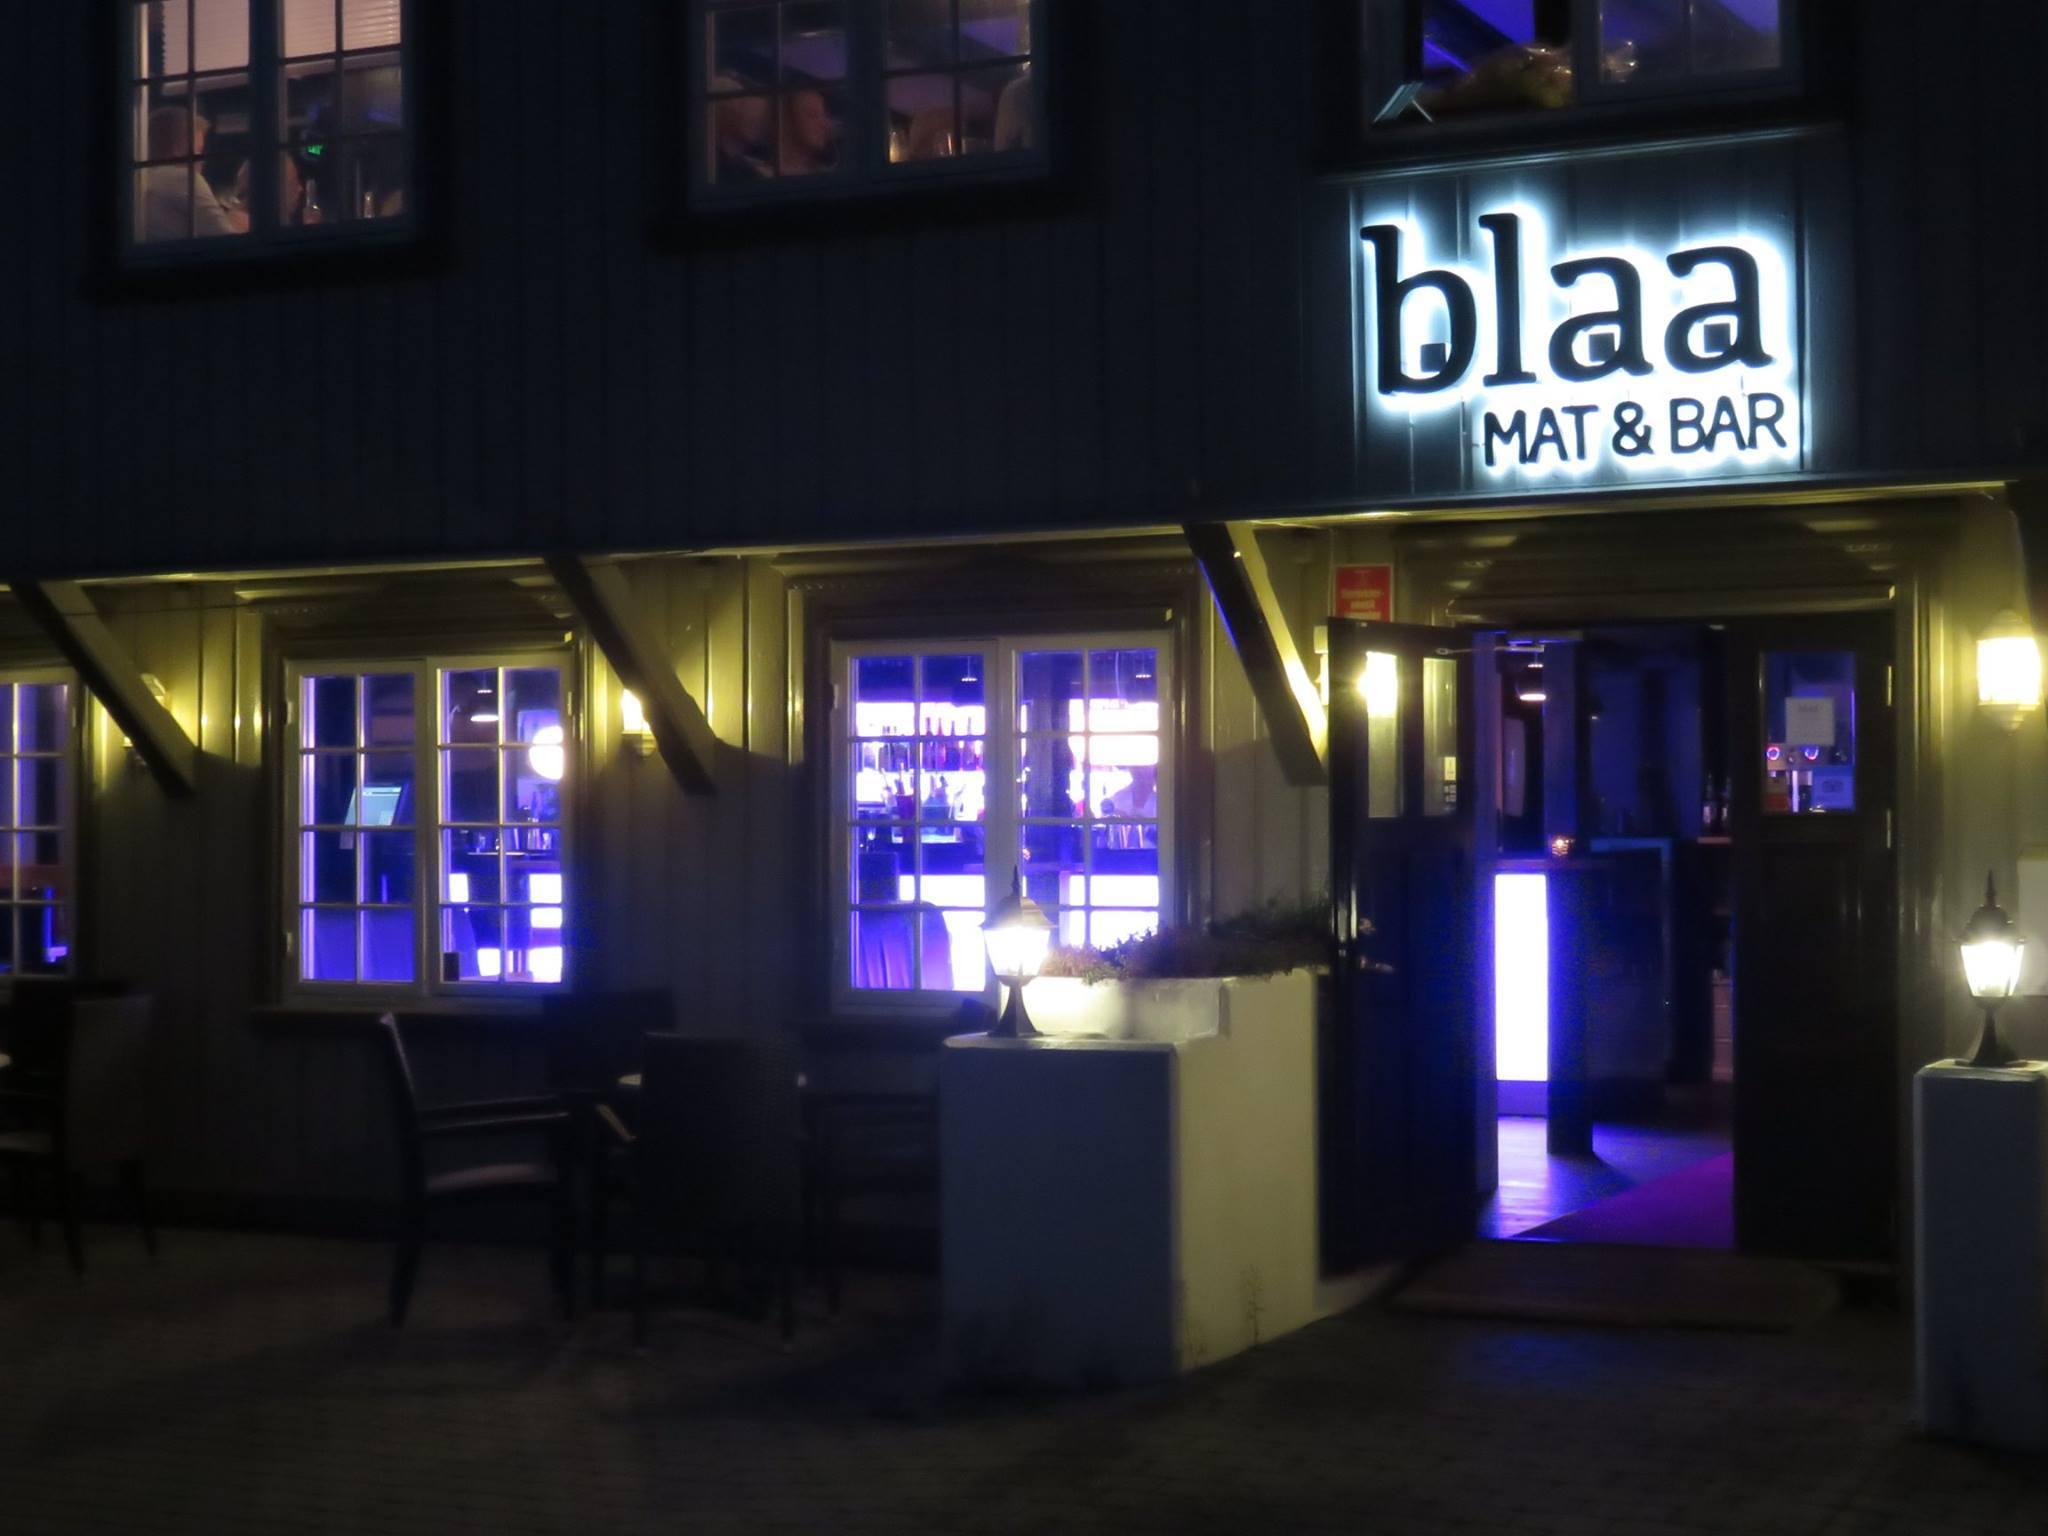 © Blaa Mat og Bar